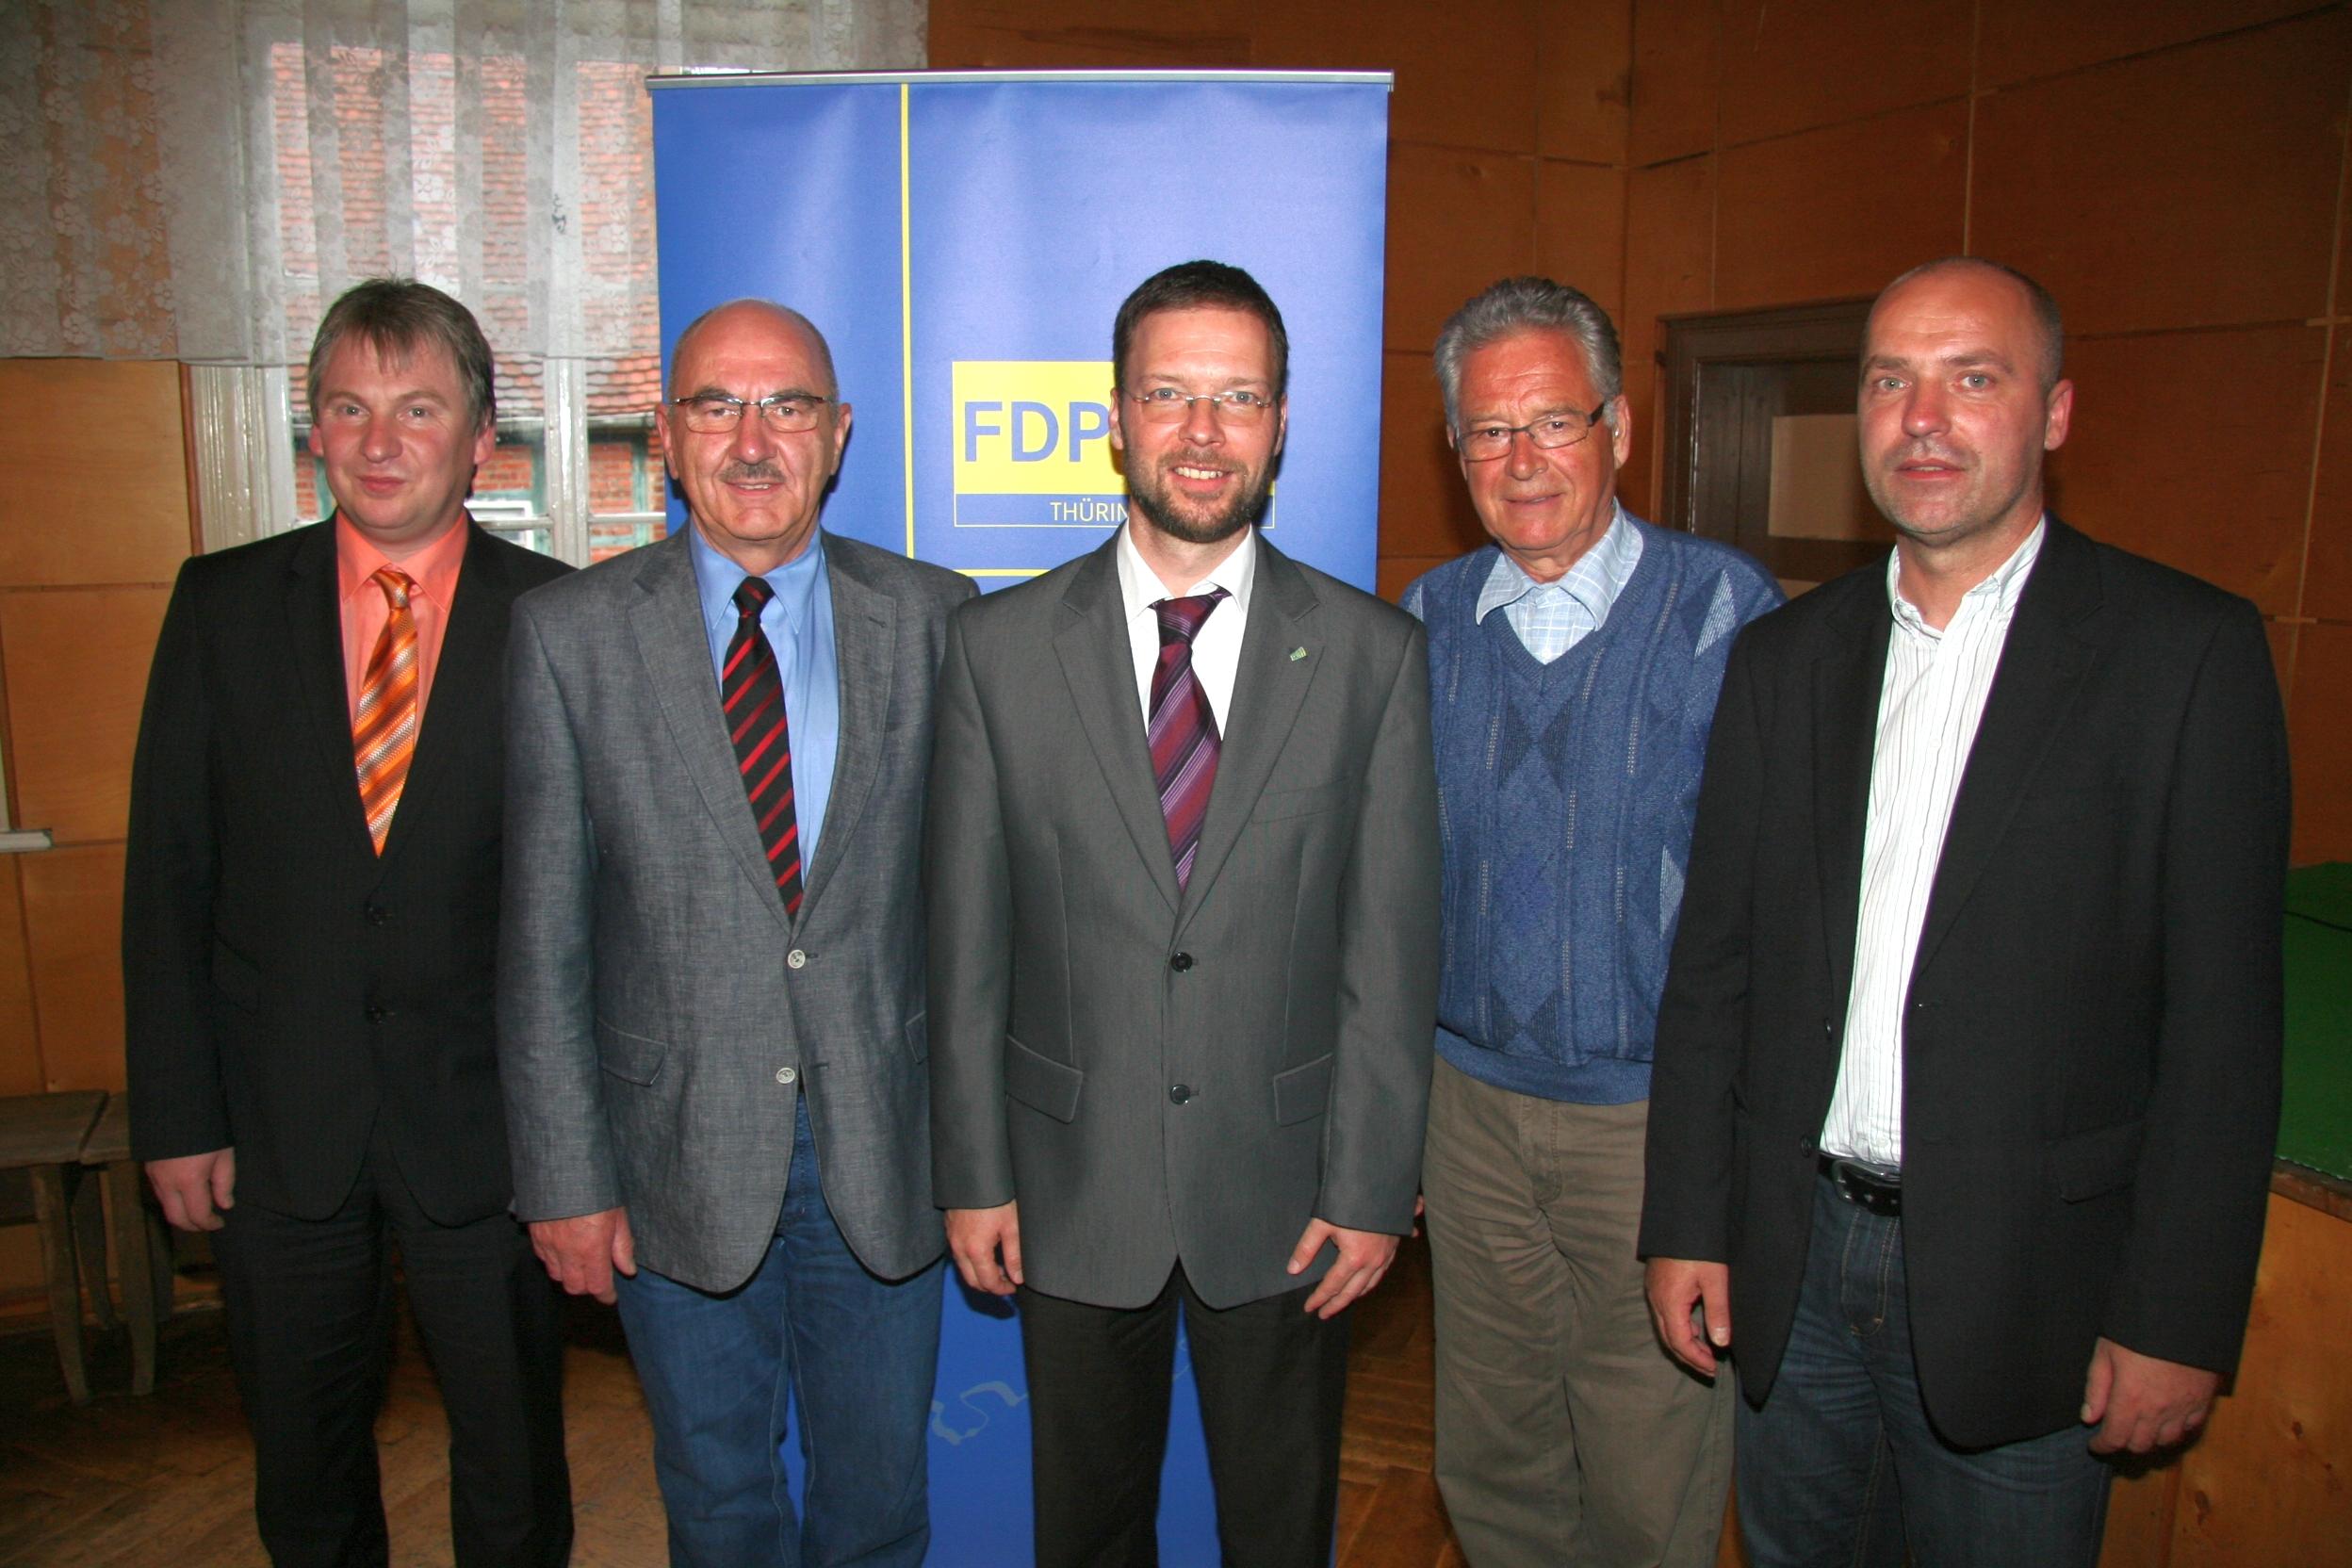 Thomas Nitzsche (Mitte) ist Bundestagskandidat